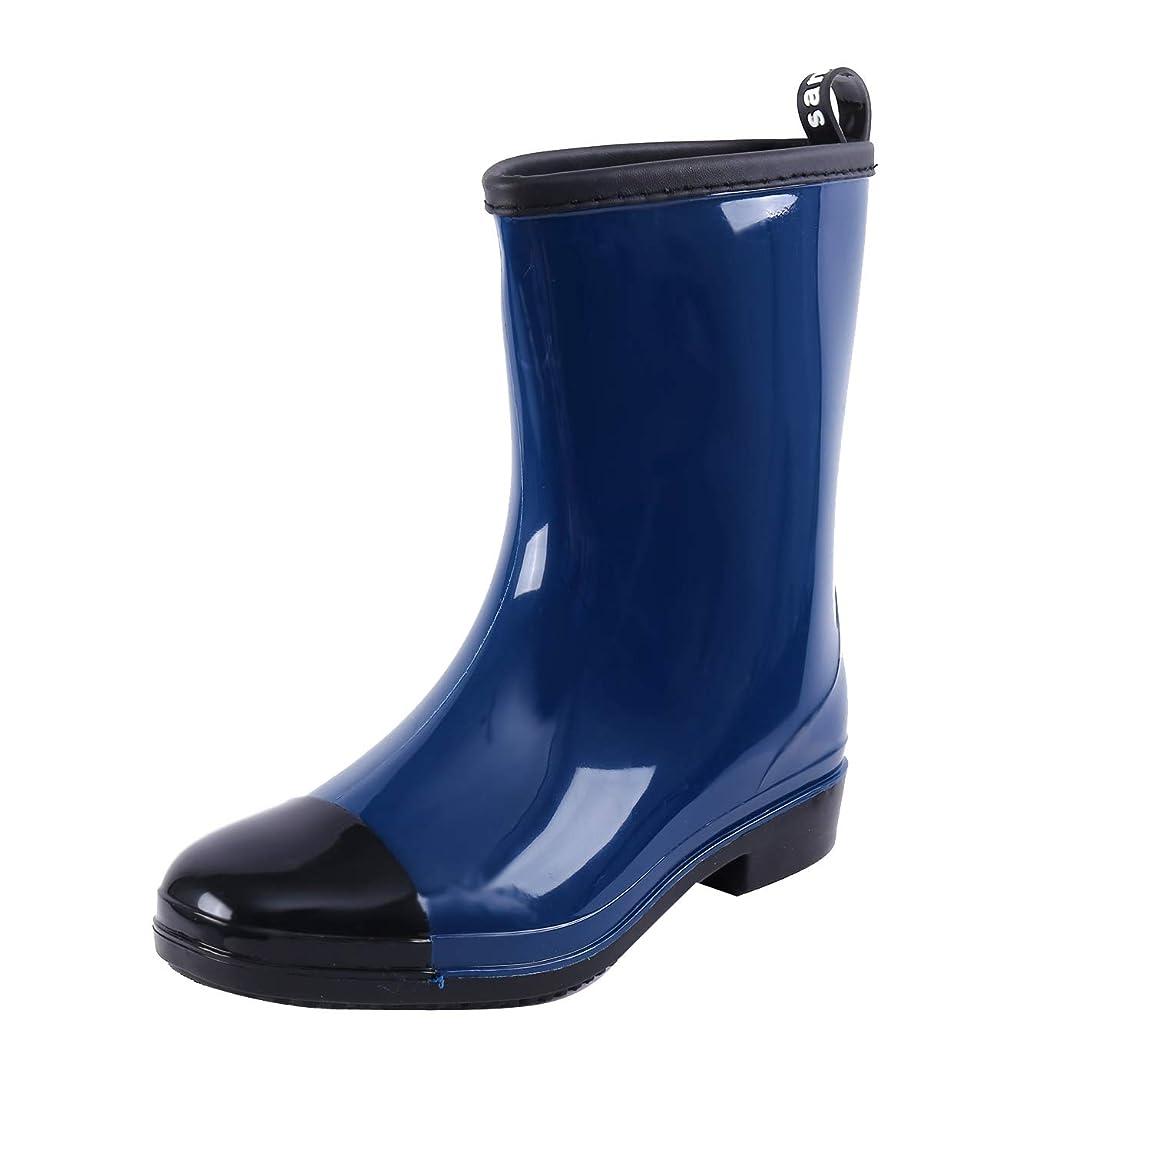 ハードリングラメ好きである[Fineme] レディース レインブーツ 長靴 レインシューズ おしゃれ ミドル丈 軽量 滑り止め 晴雨兼用 ブーツ 通勤 通学 梅雨対策 婦人ゴム長靴 雨靴